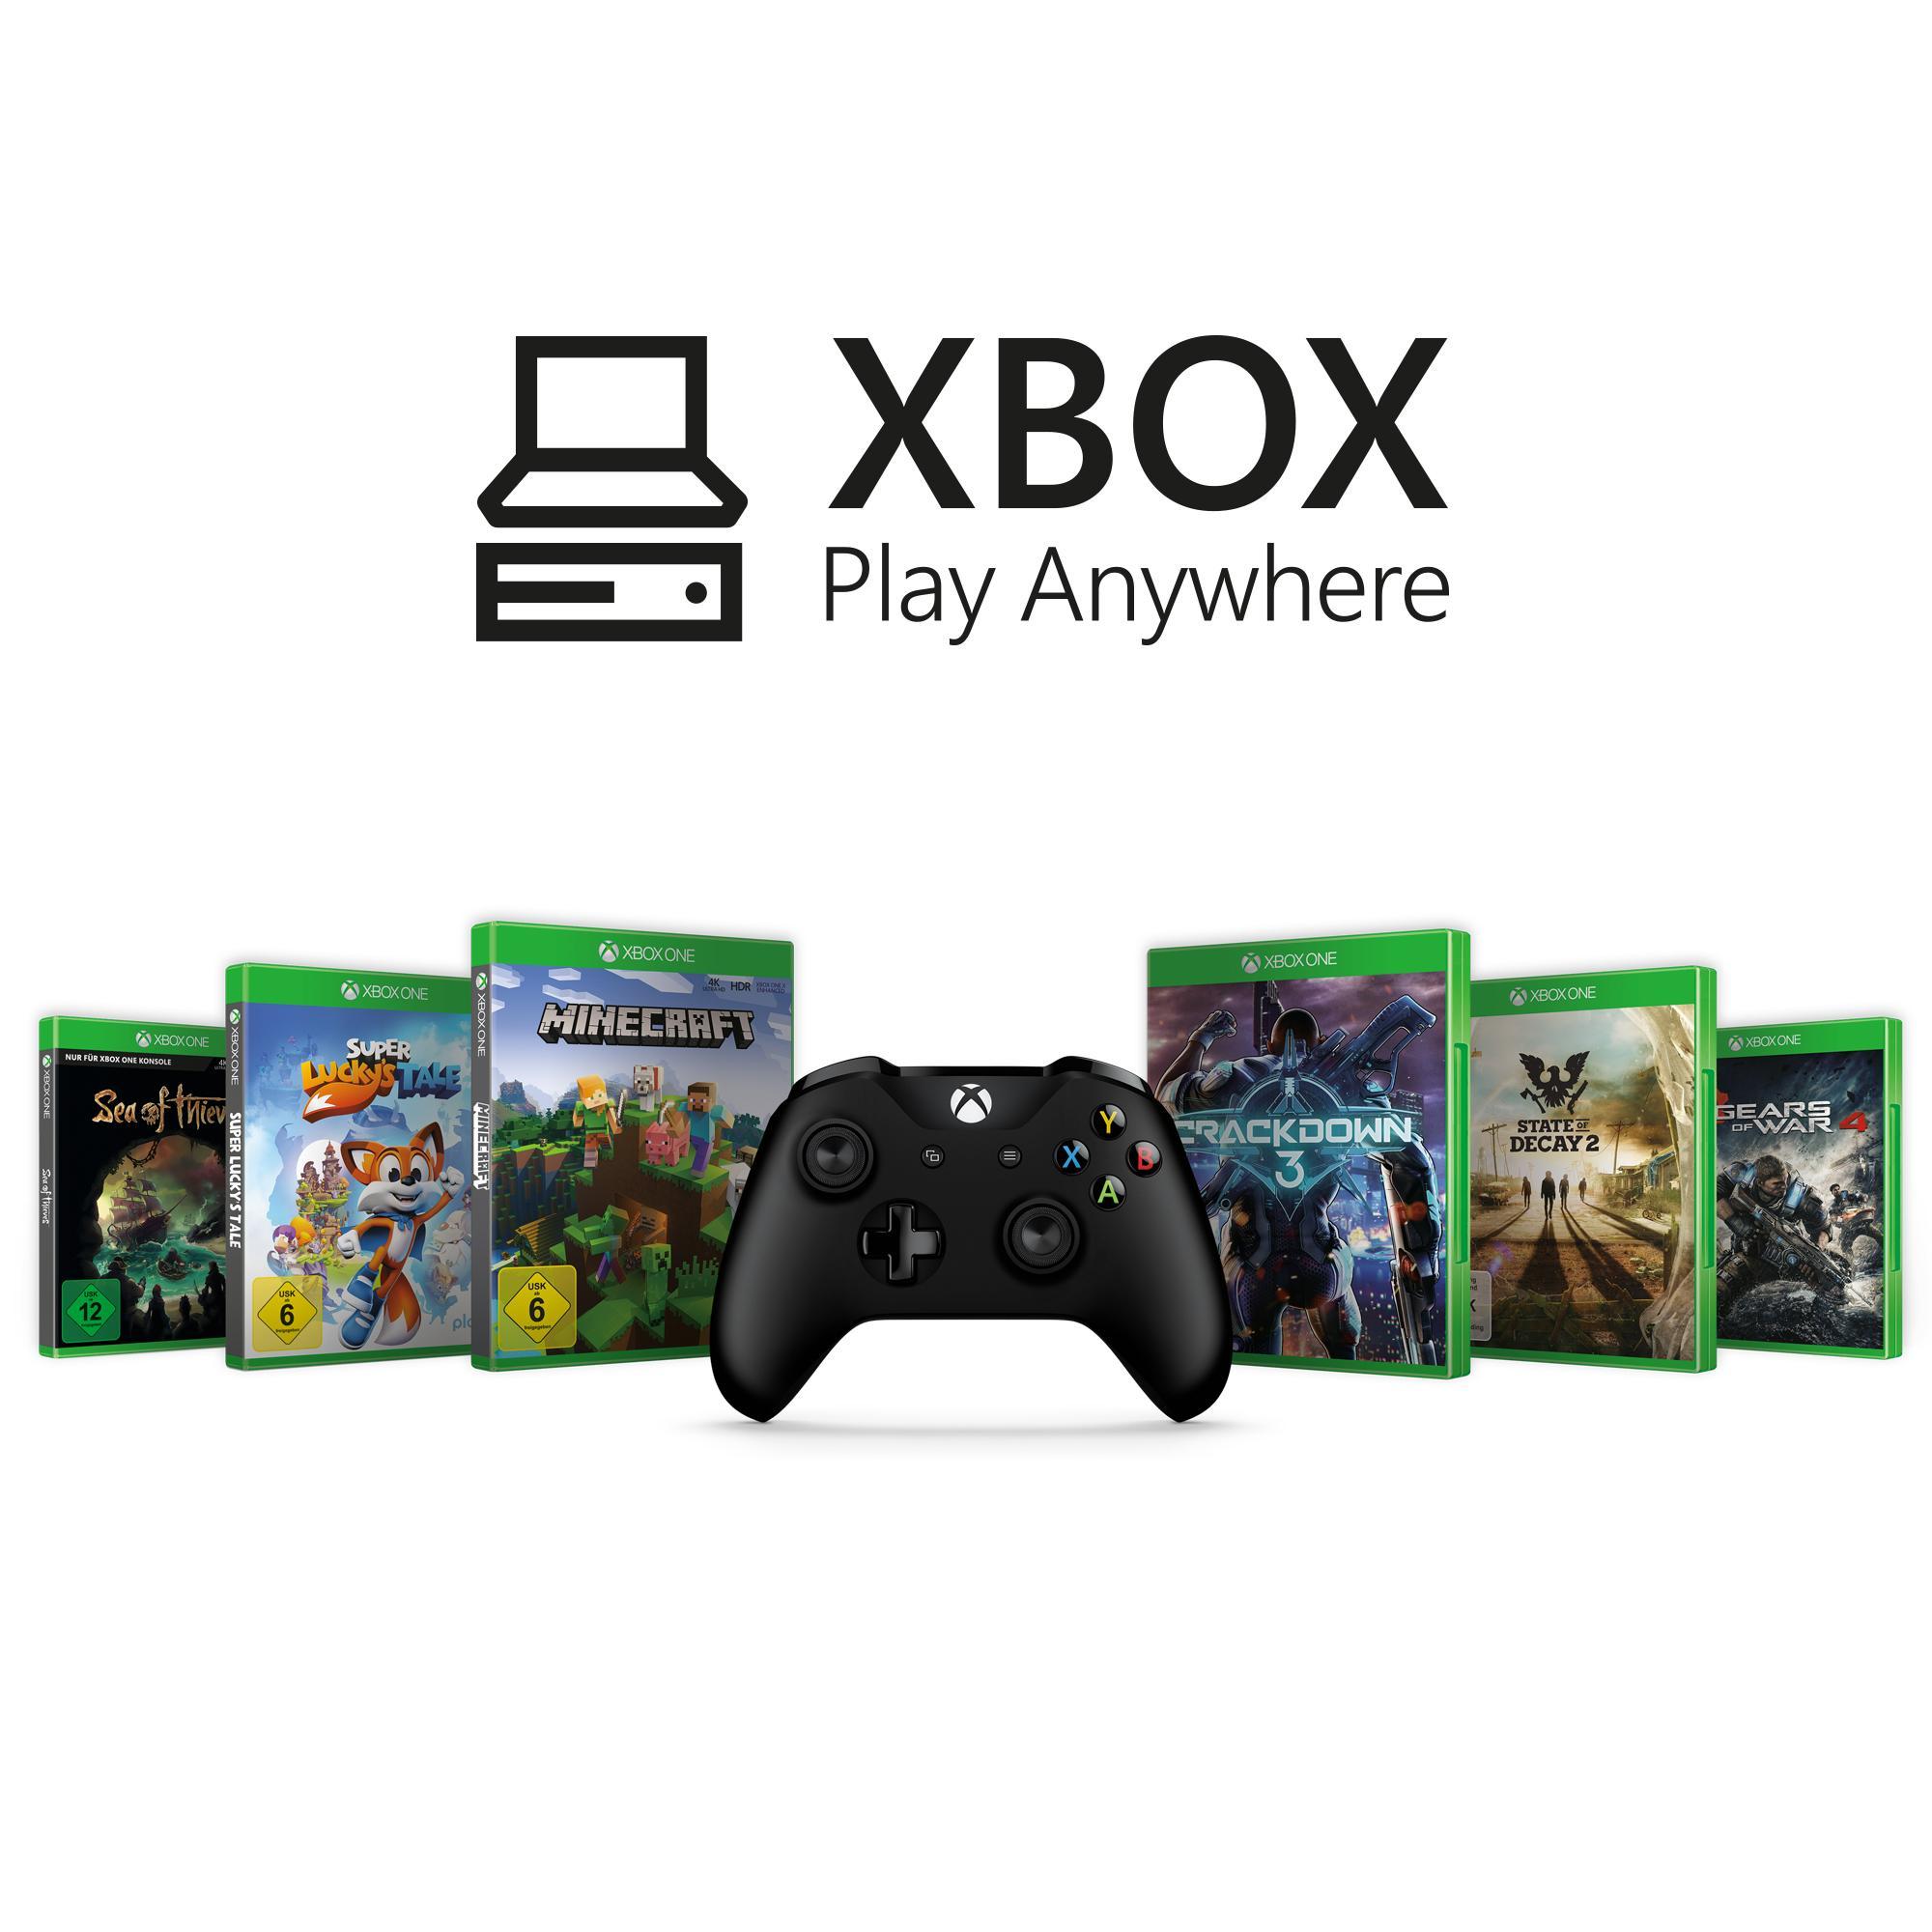 Minecraft Spielen Deutsch Minecraft Xbox Und Pc Zusammen Spielen - Minecraft xbox und pc zusammen spielen